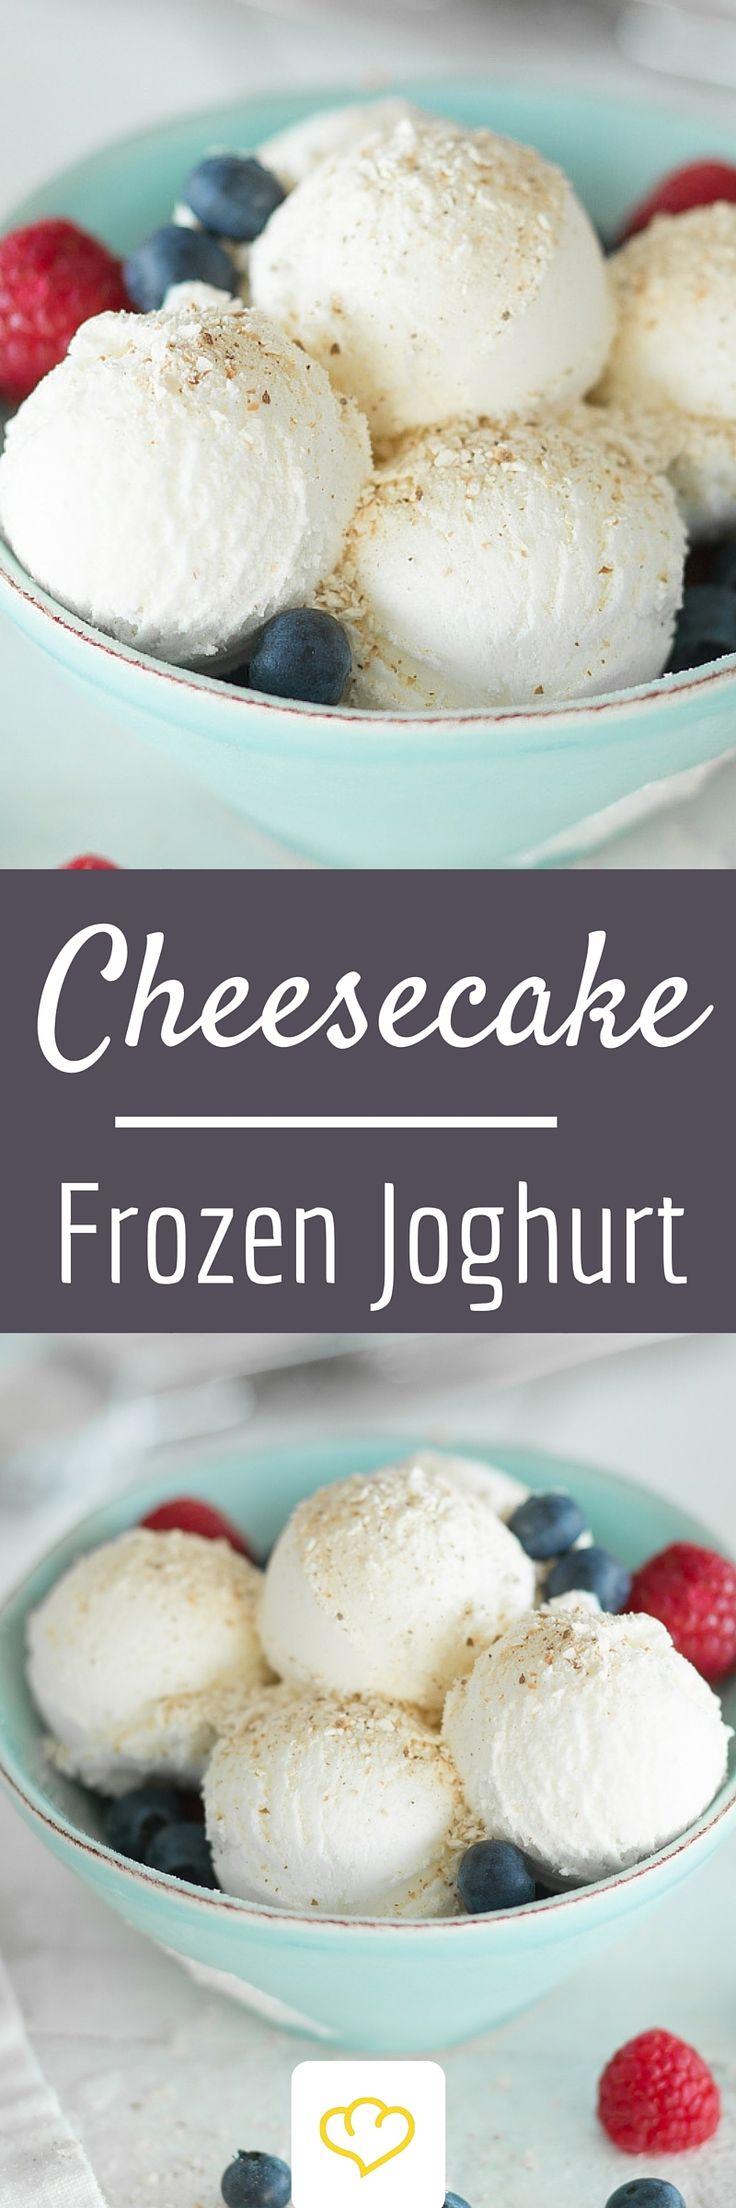 Die doppelte Cheesecake-Power – als knuspriges Topping und als feine Frischkäse-Note.. Dieser Frozen Joghurt vereint den amerikanischen und den deutschen Klassiker in einer Köstlichkeit. So cremig wie Cheesecake, so lecker wie Käsekuchen und on top – knusprige Butterkekse. Zum Nachmachen gut!